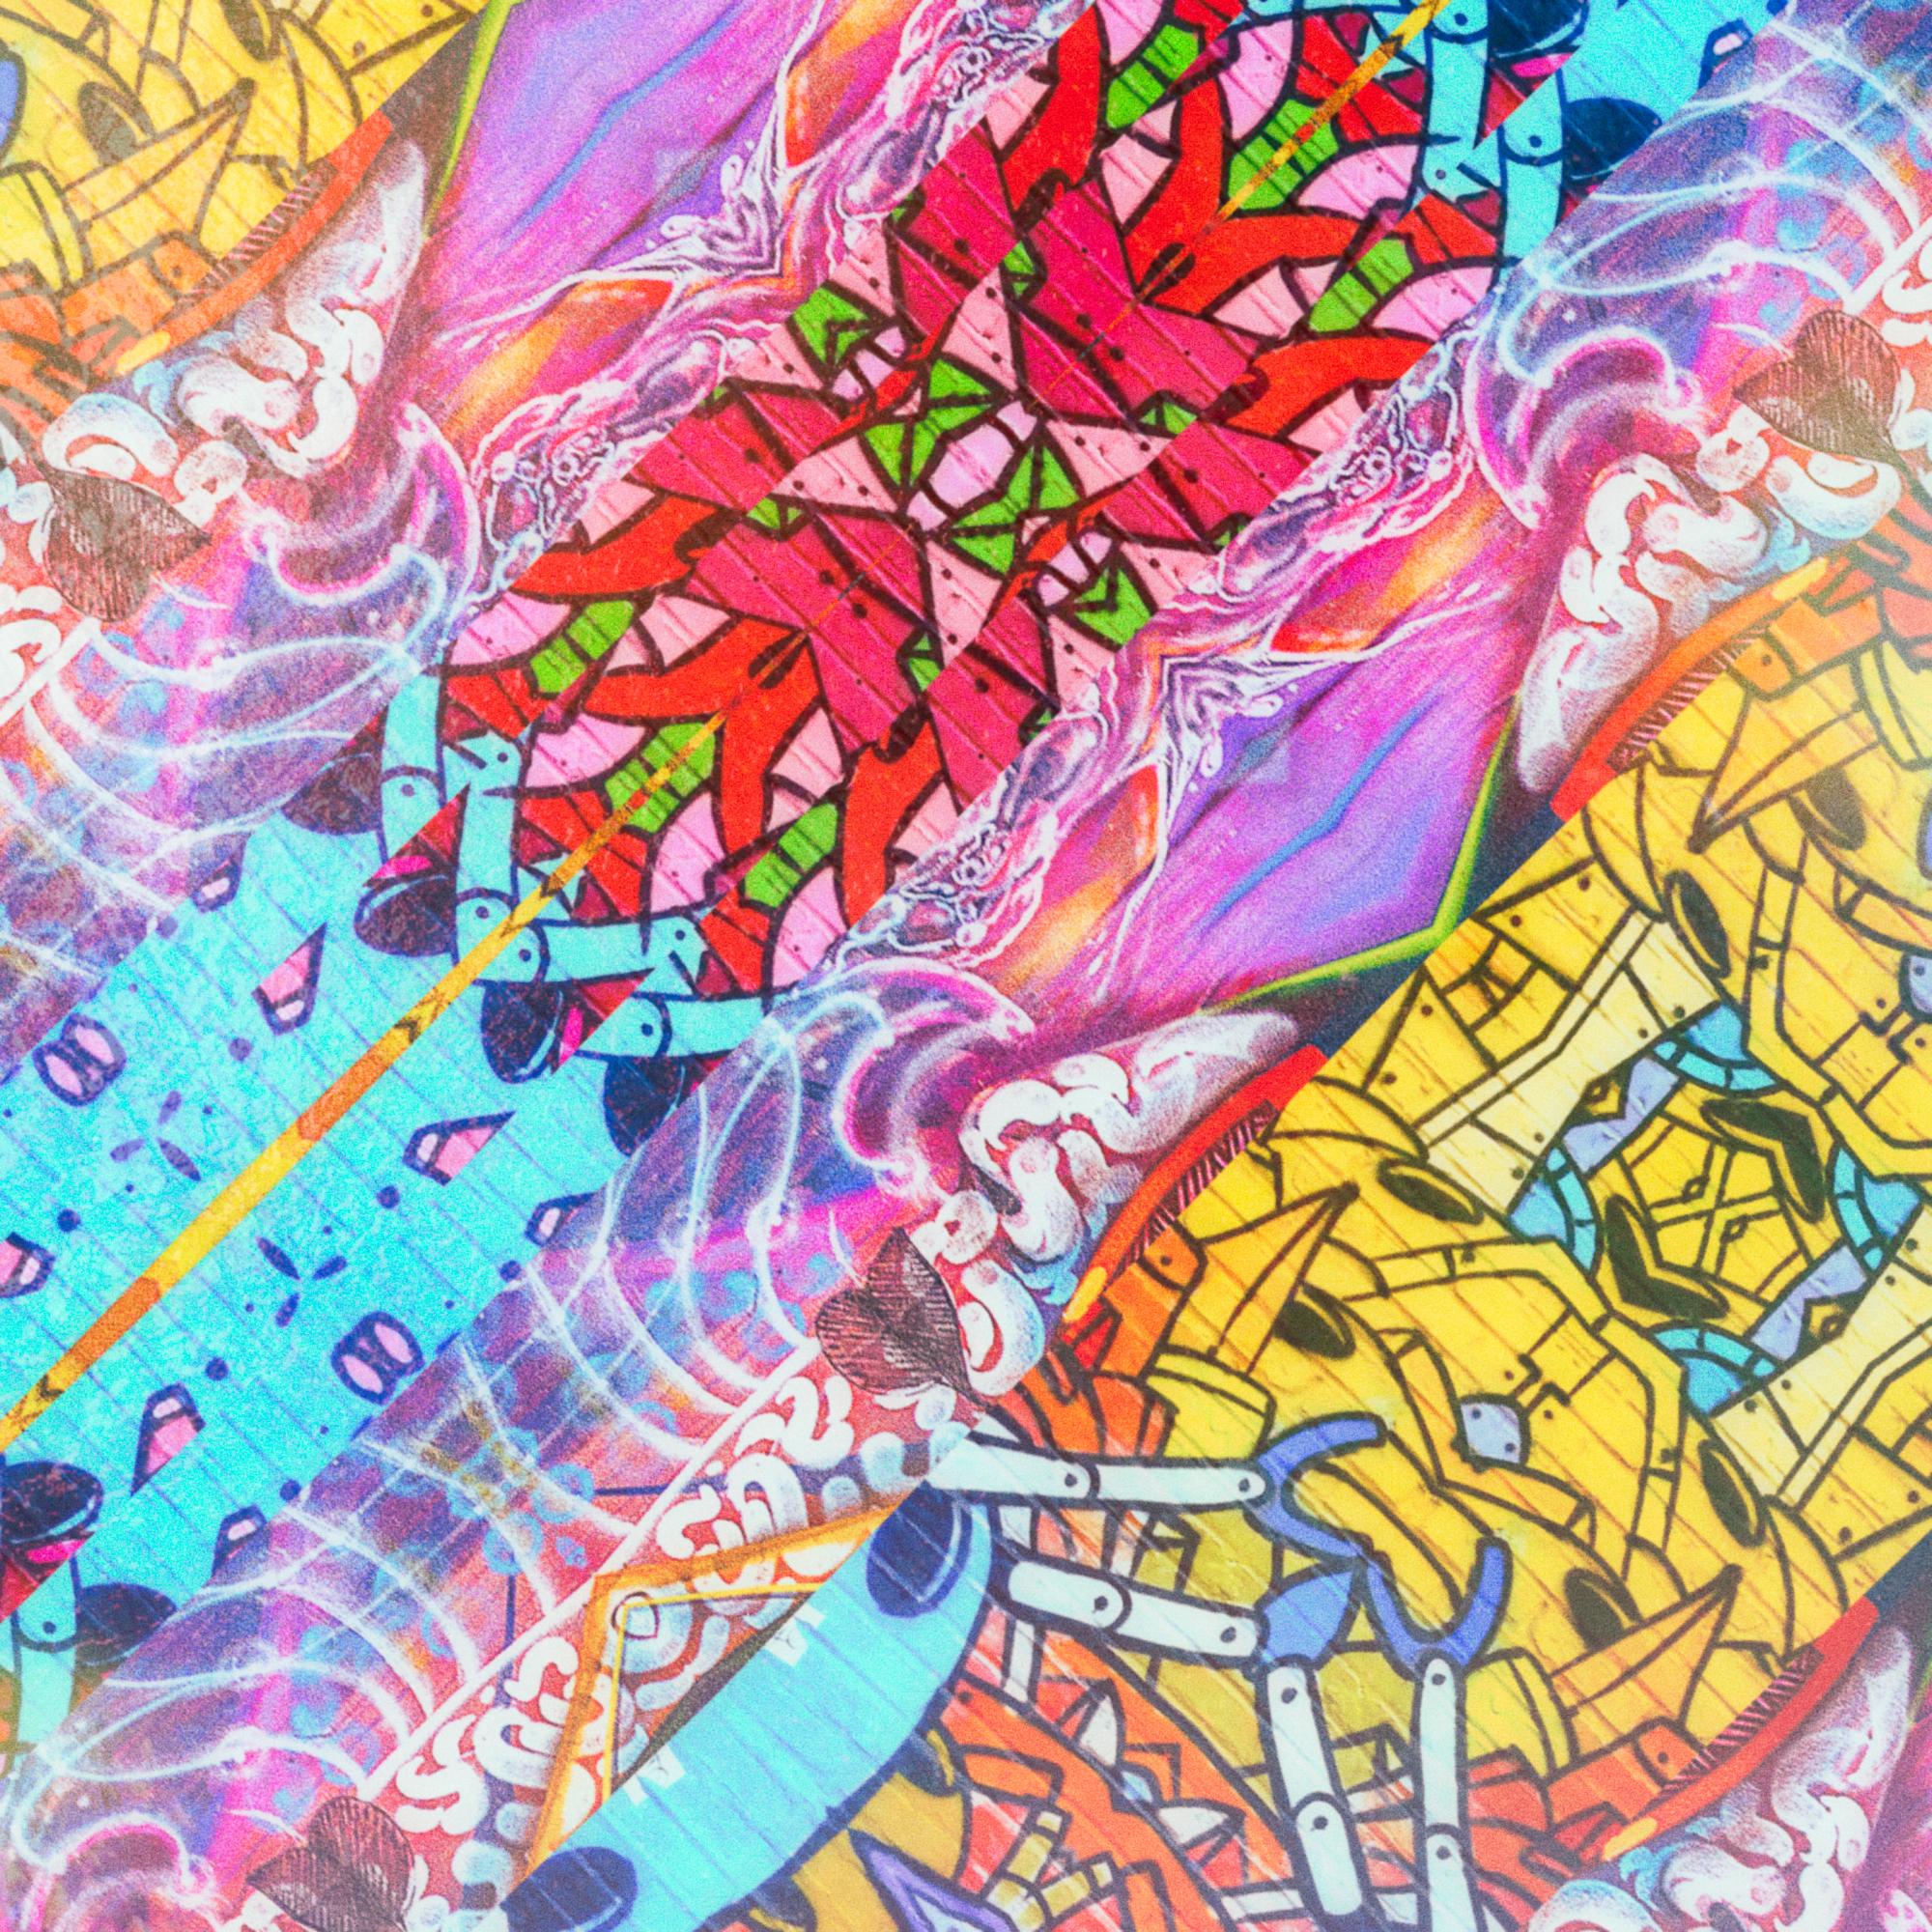 【無料背景画像】カートゥーンポップ&カラフルコミックス壁紙:80年代ポスター